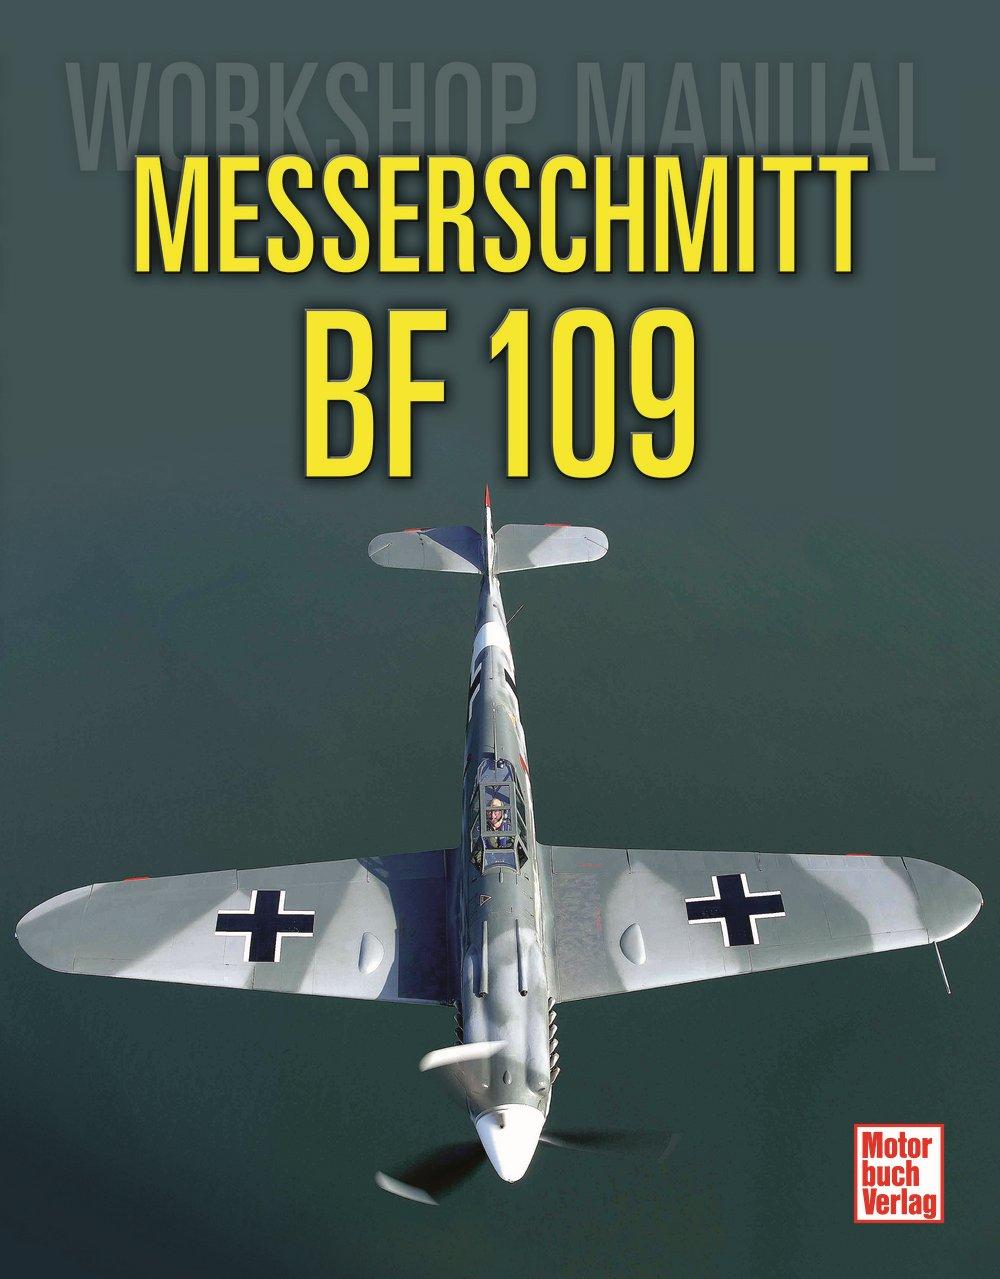 Boek Messerschmitt Bf 109